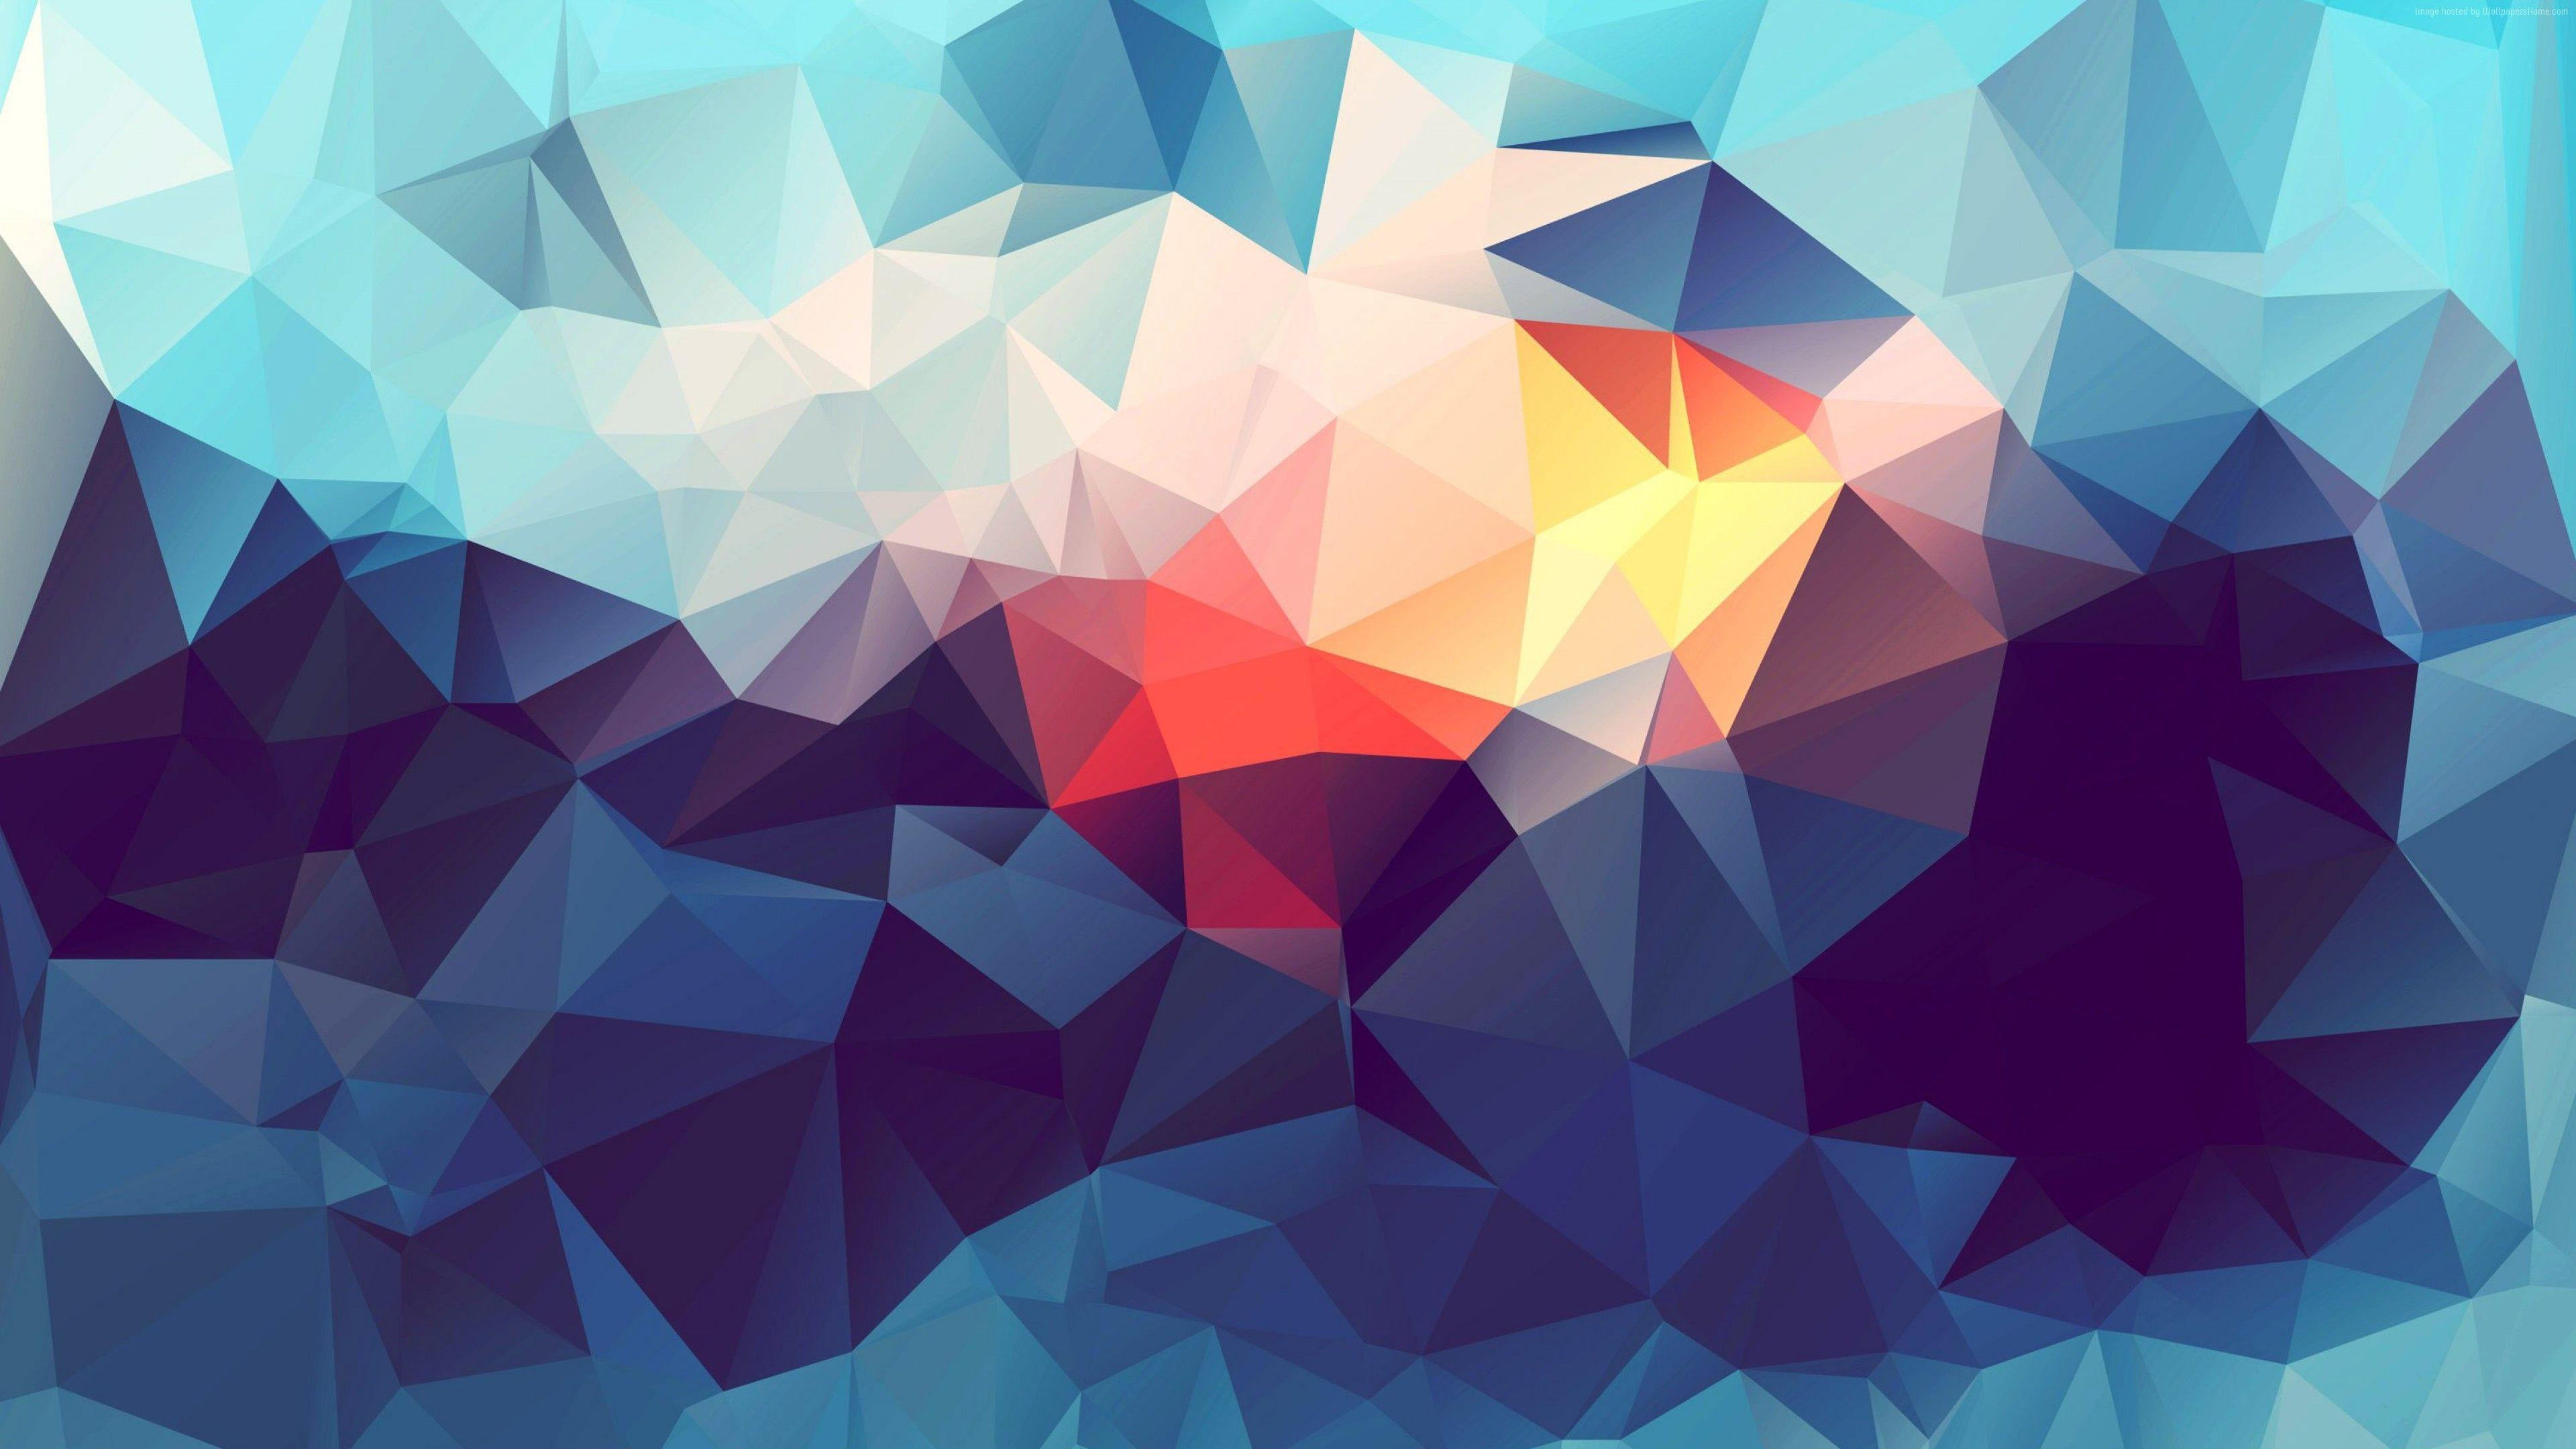 3840x2160, Abstract 3d Art 4k - Abstract Wallpaper 4k - HD Wallpaper